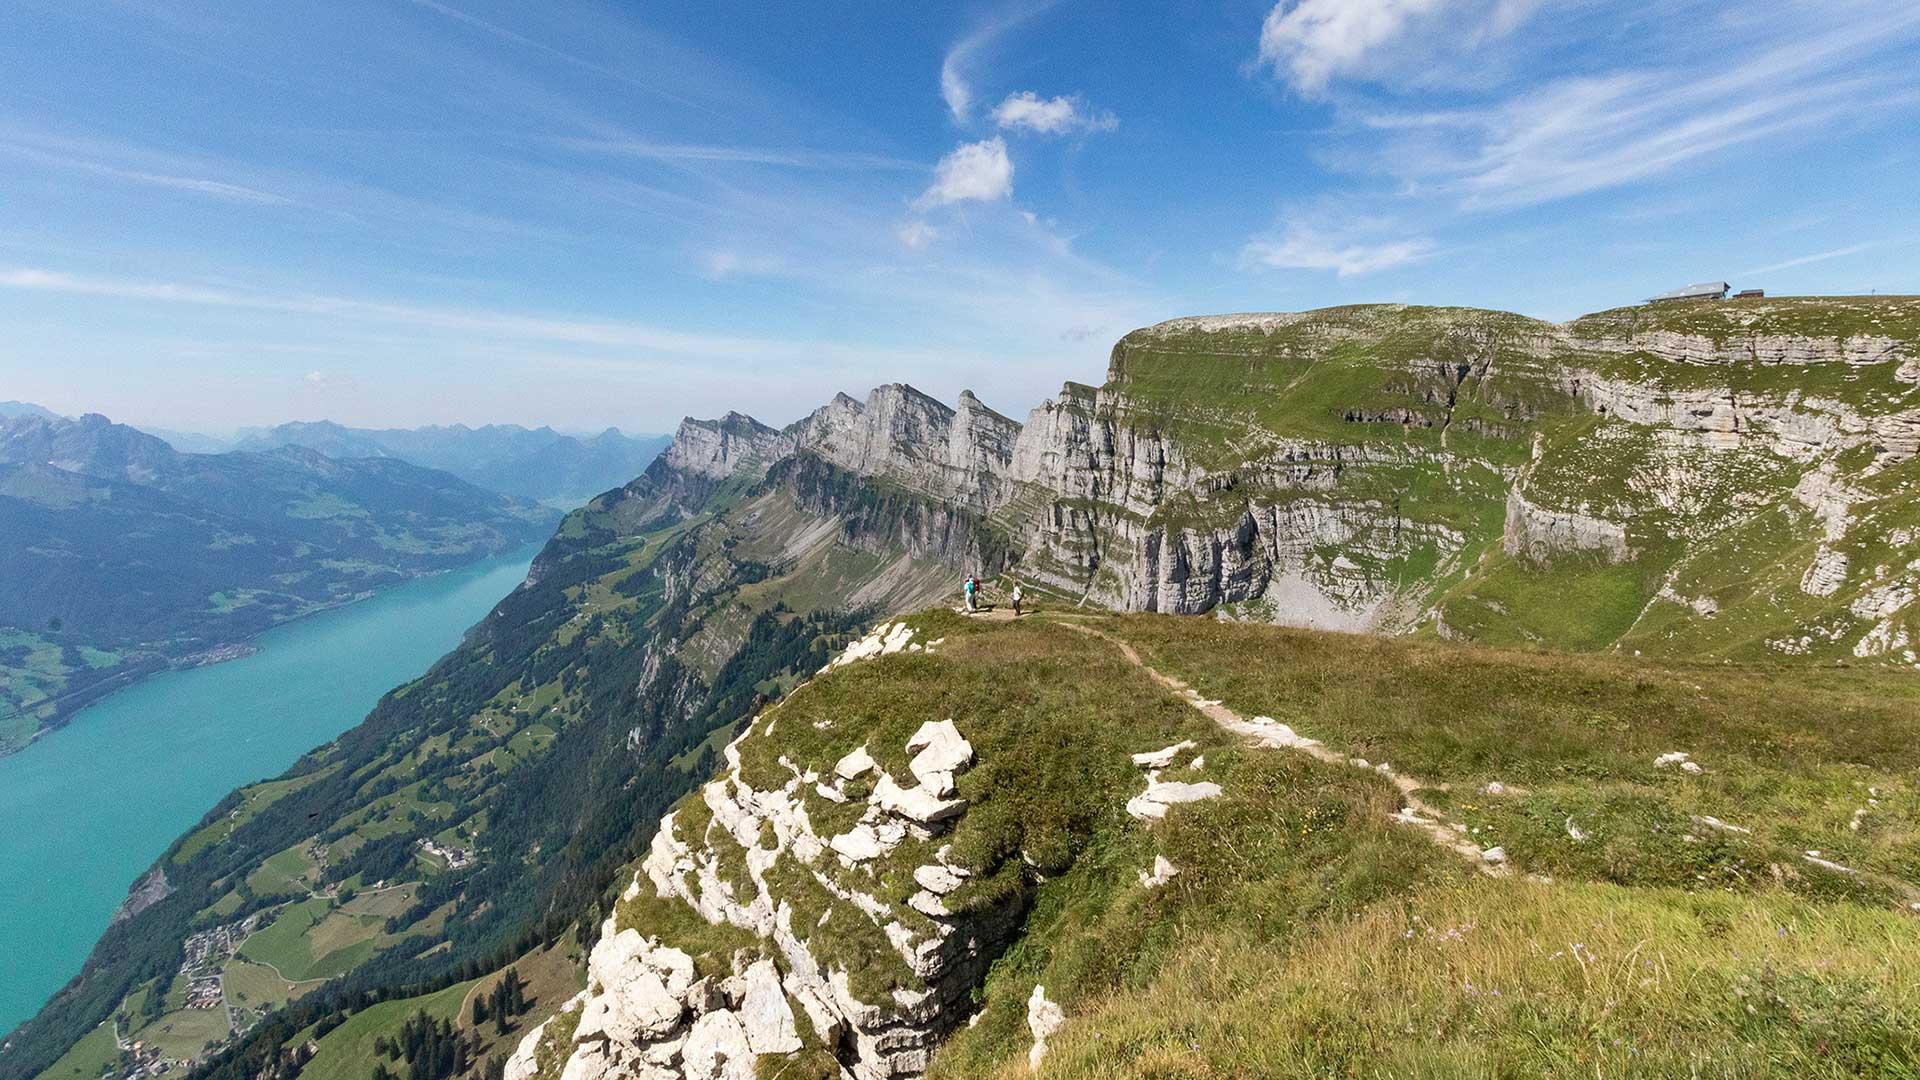 Churfirsten_Blick_Alpen_u_Walensee